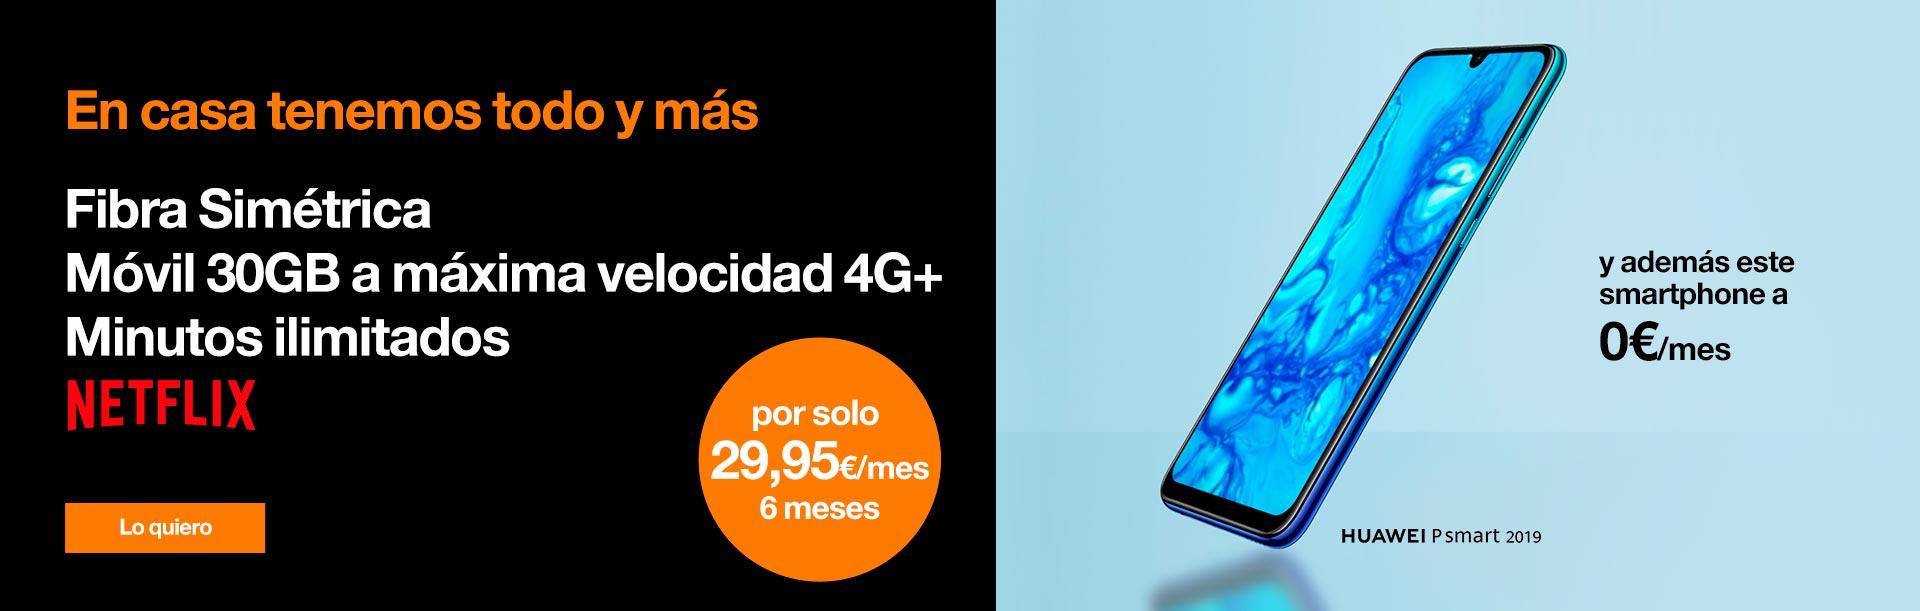 Hazte ahora nuestra tarifa Love Intenso Max por sólo 29,95 €/mes durante 6 meses. Y además, este Huawei P Smart 2019 a 0 €/mes